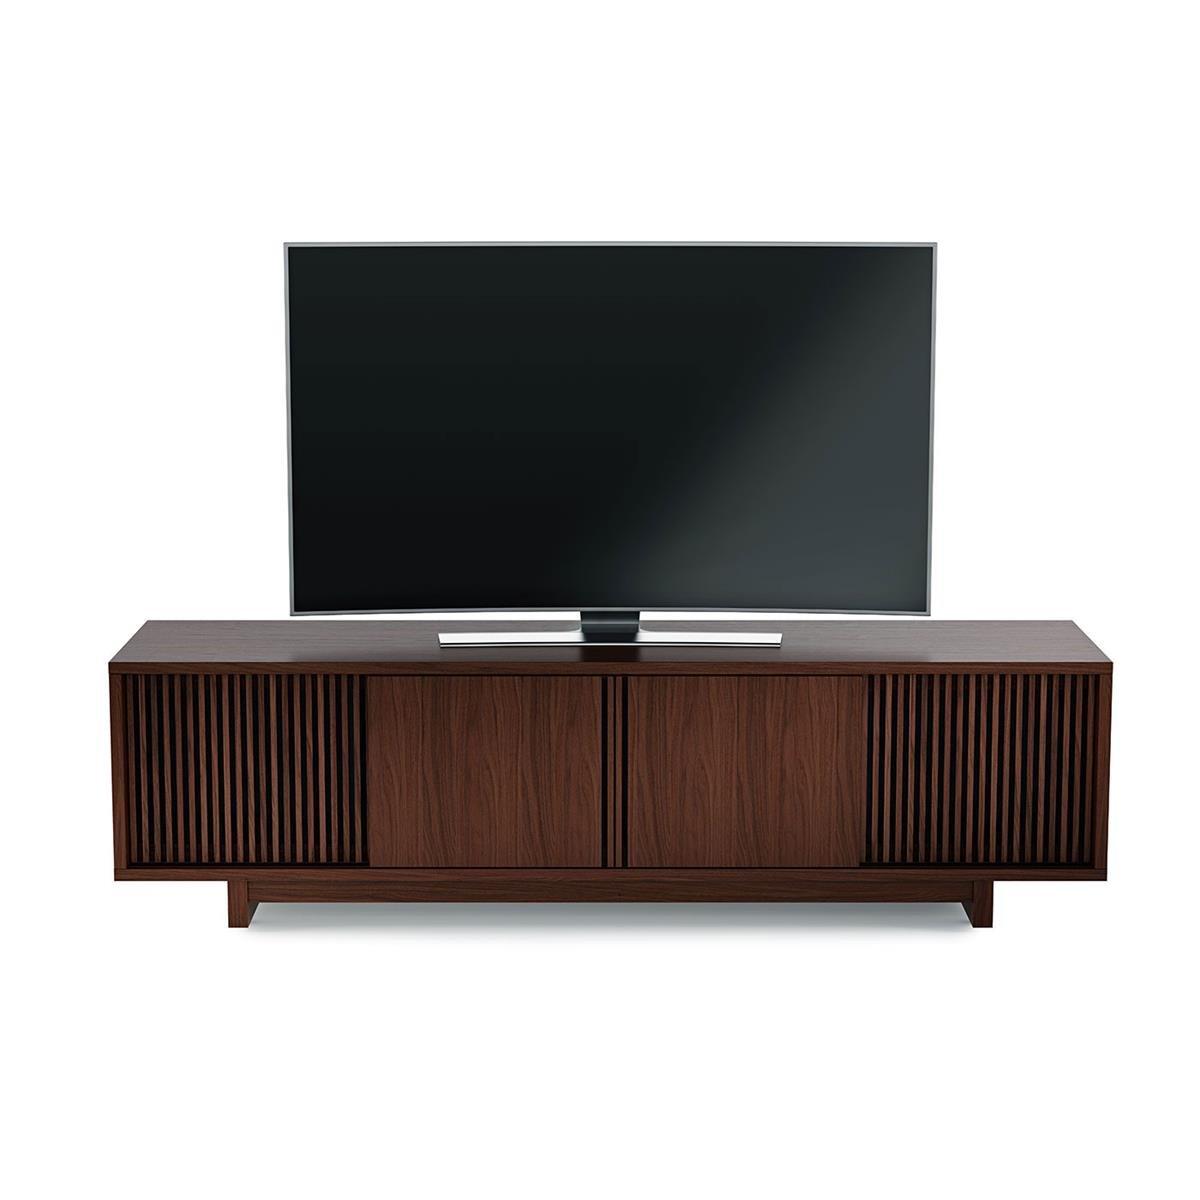 BDI Vertica Chocolate nogal bajo mueble para televisor: Amazon.es: Electrónica